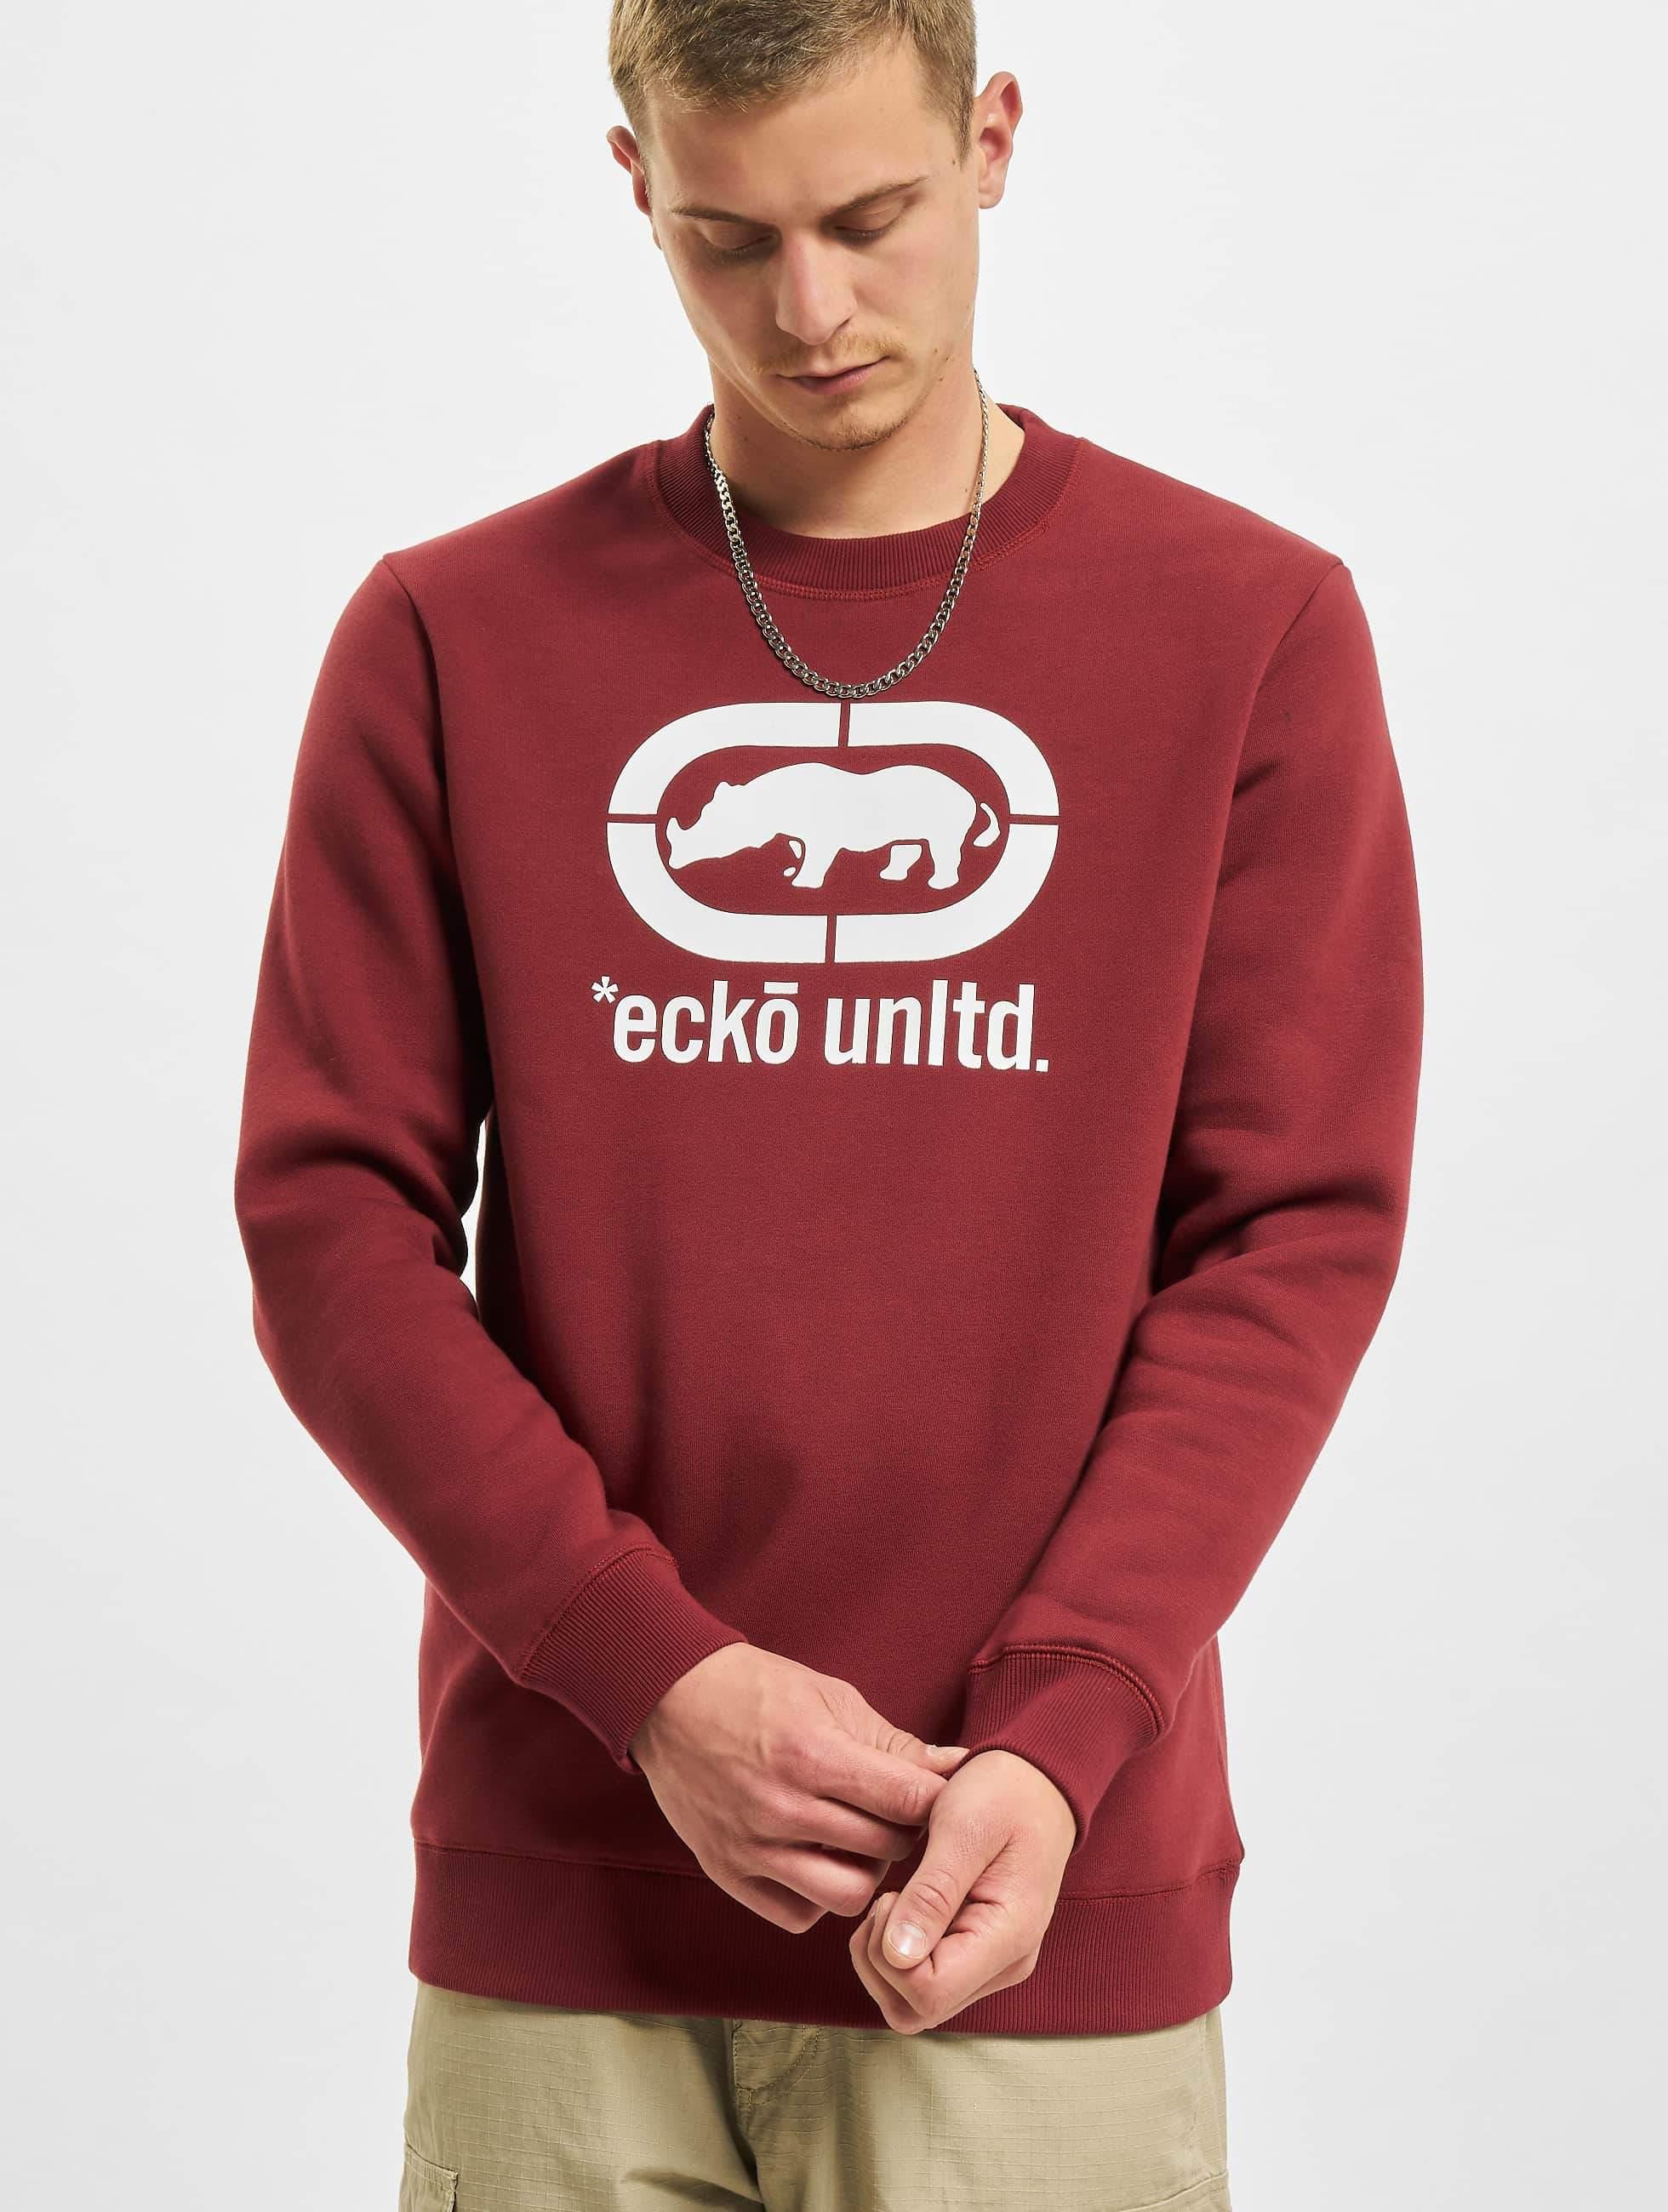 Ecko Unltd. / Jumper Base in red 3XL